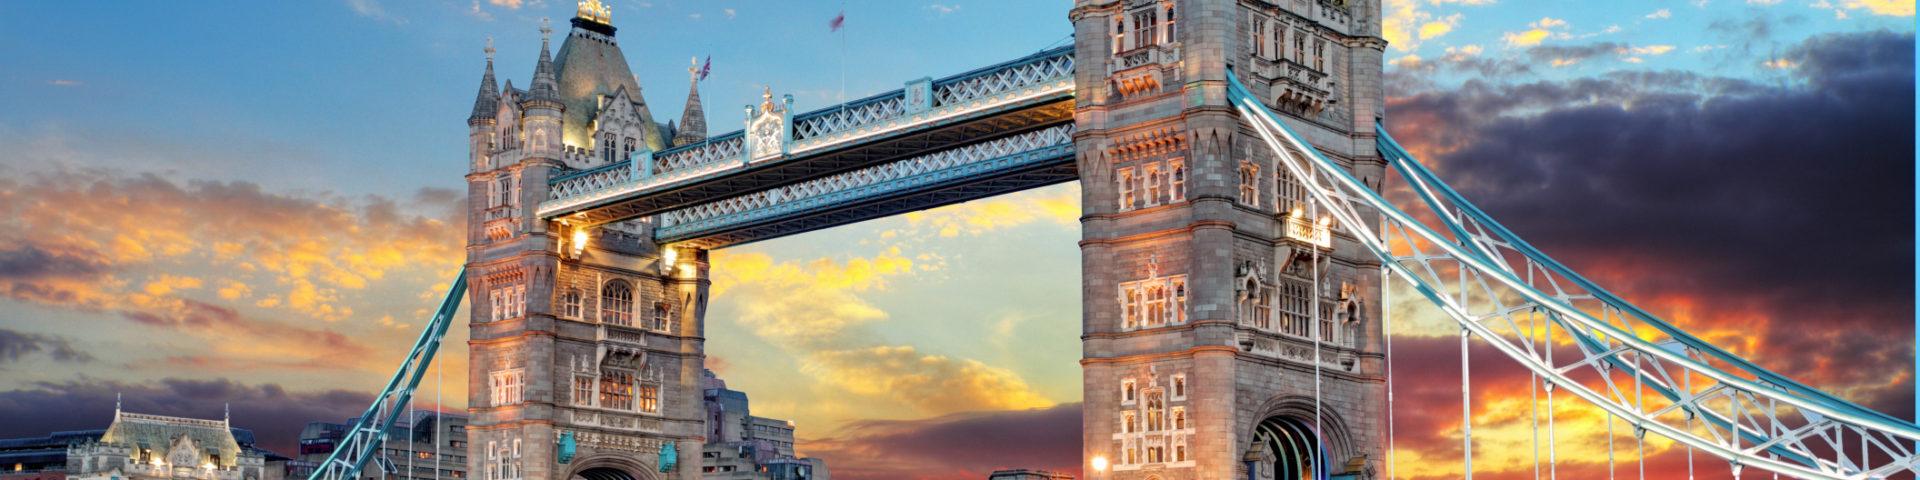 Лондон - готическое величие у реки